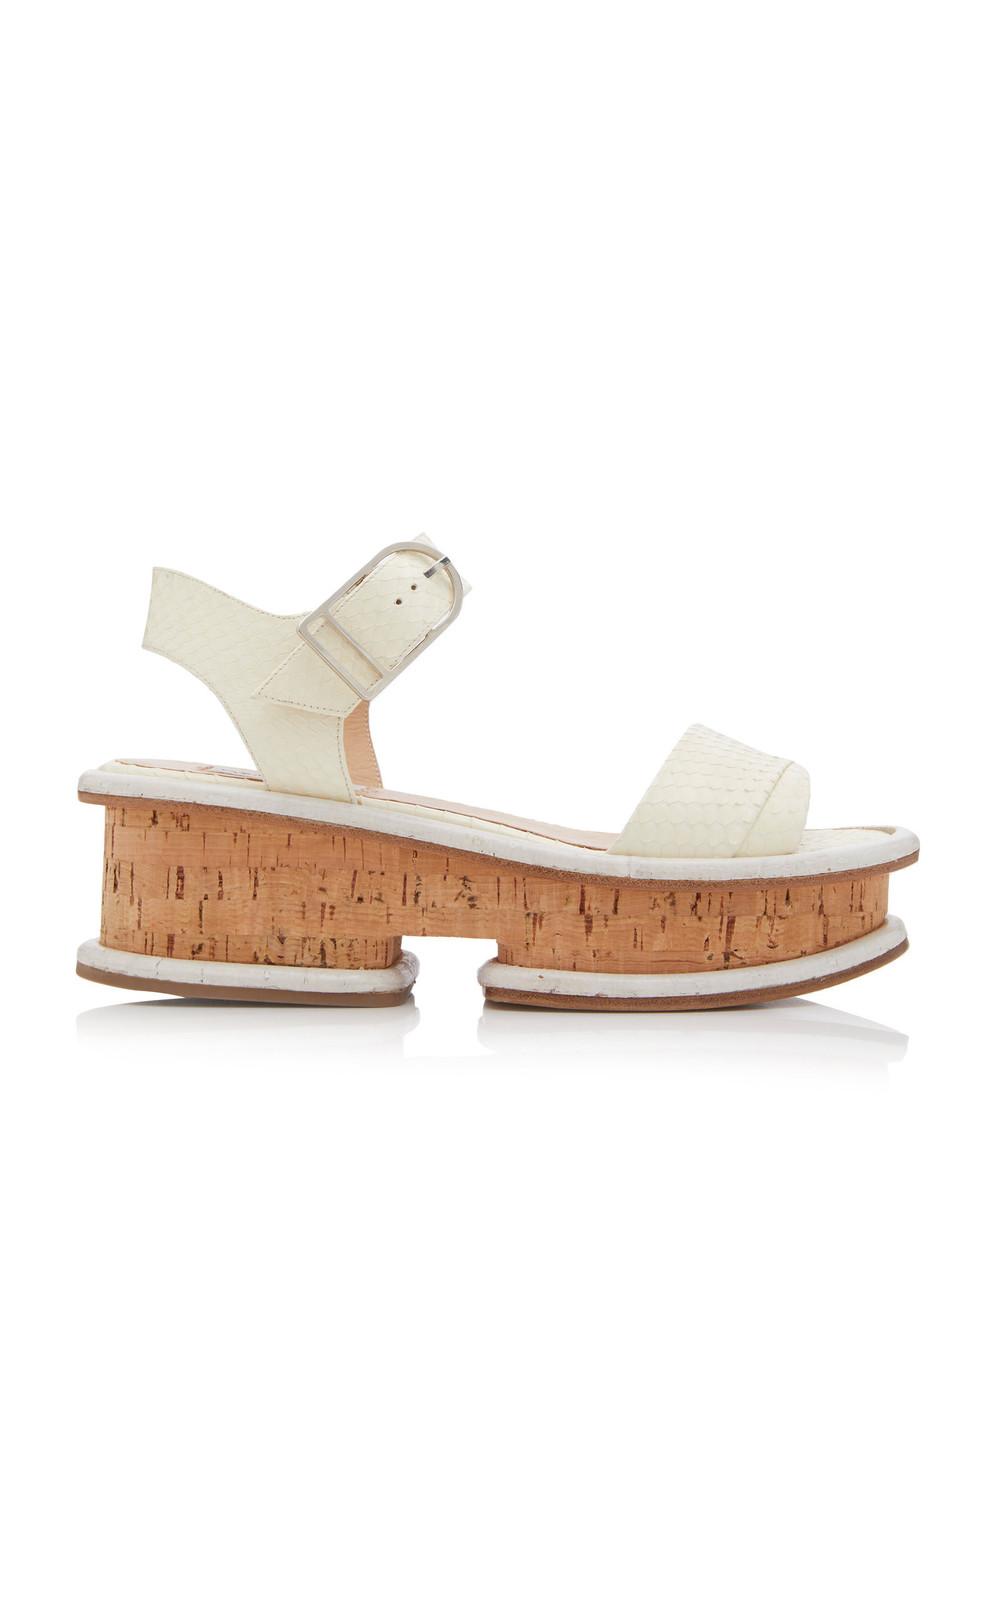 Gabriela Hearst Bradley Platform Sandals in neutral